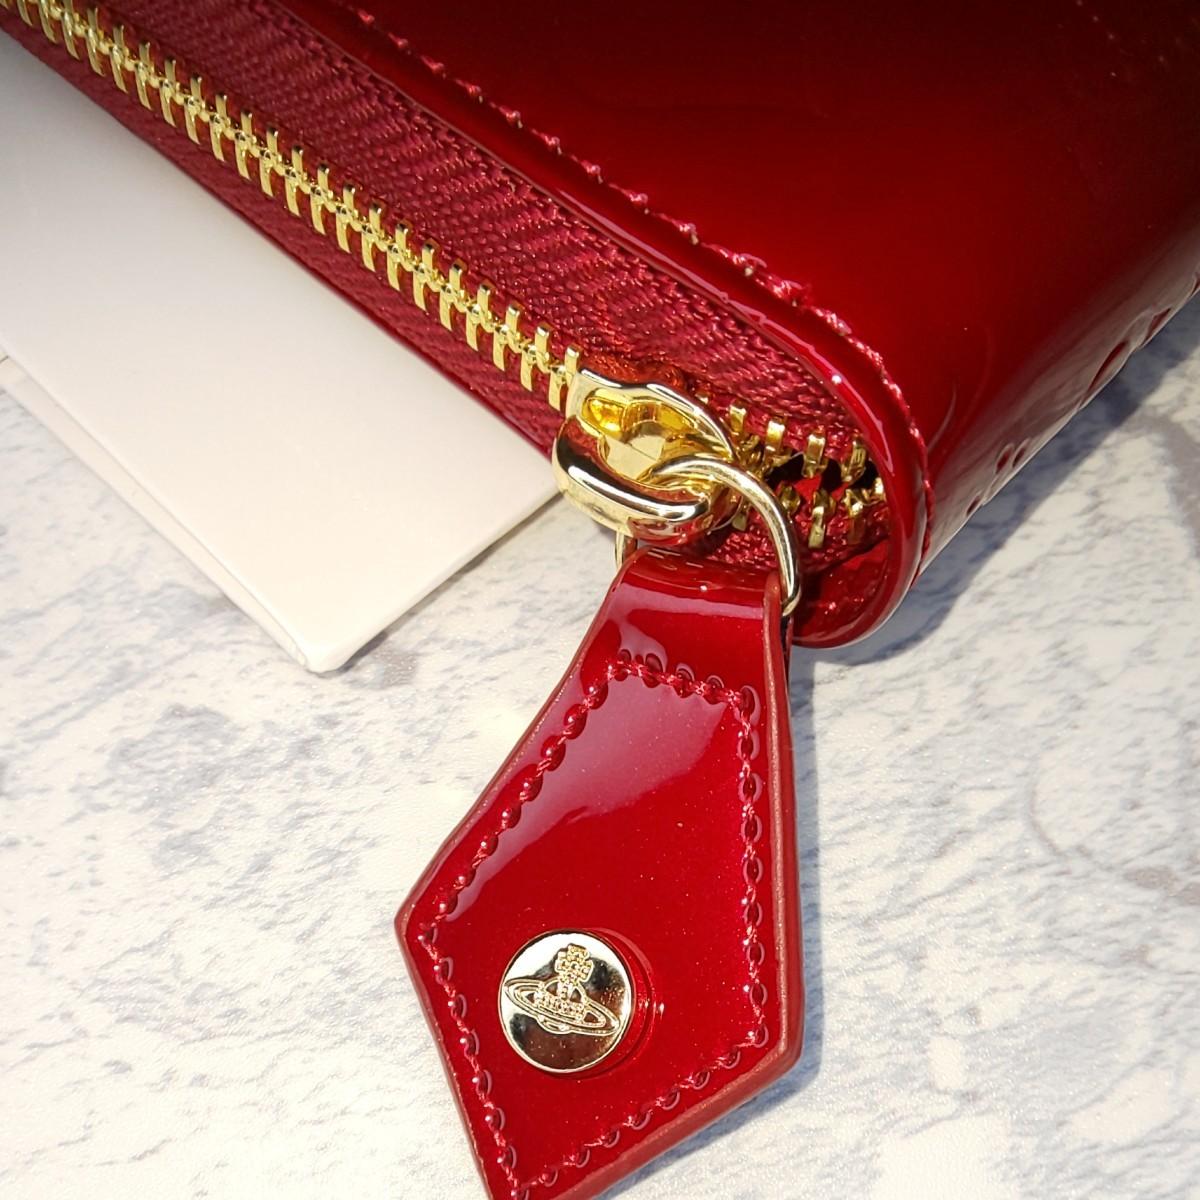 ヴィヴィアン ウエストウッド Vivienne Westwood長財布 レディース エナメルレッド かわいい 新品未使用